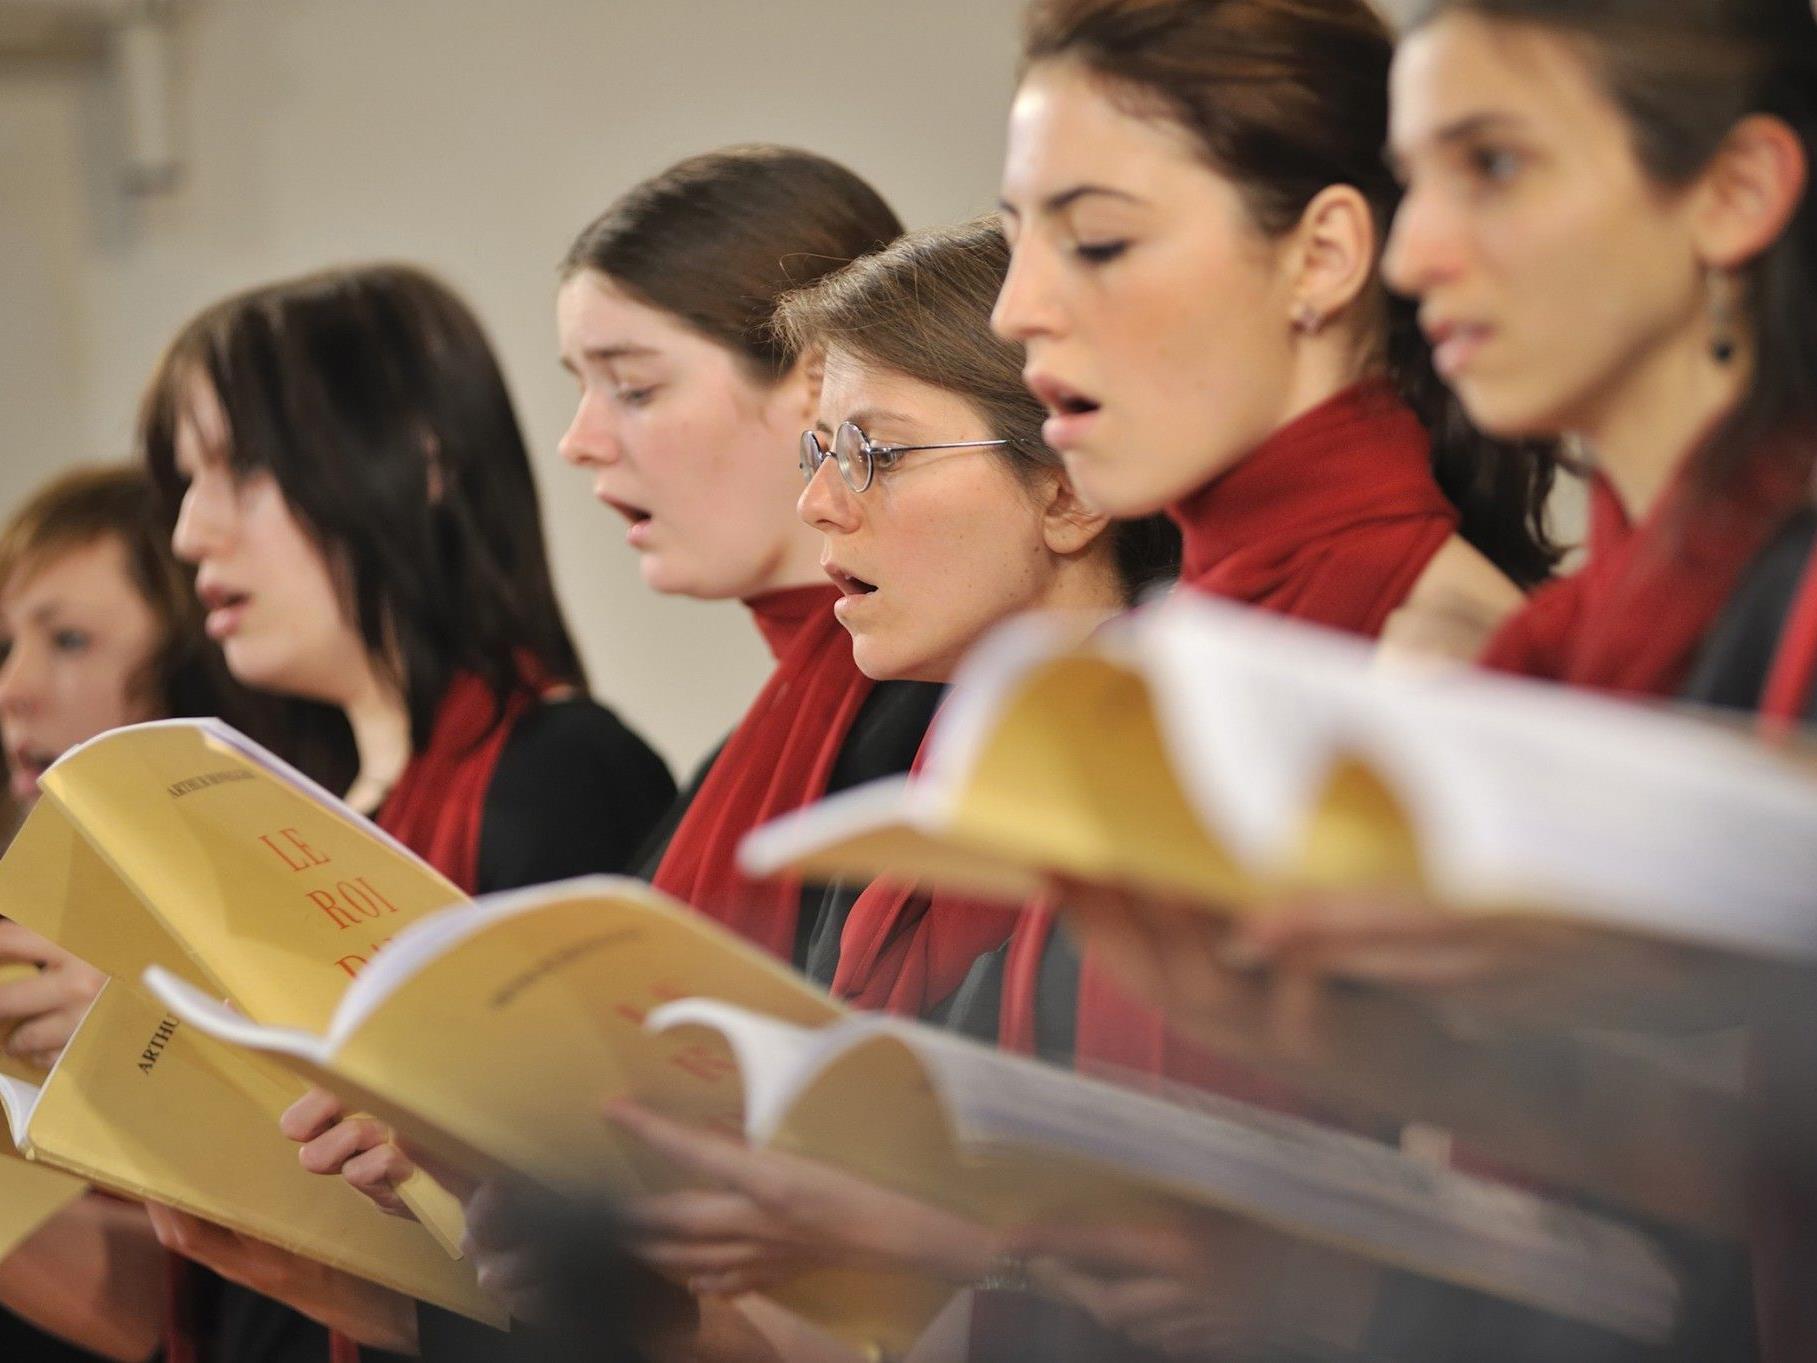 Das Konzert am Sonntag bildet die Abschlussveranstaltung zum 150 Jahrjubiläum des Chorverbandes Vorarlberg.